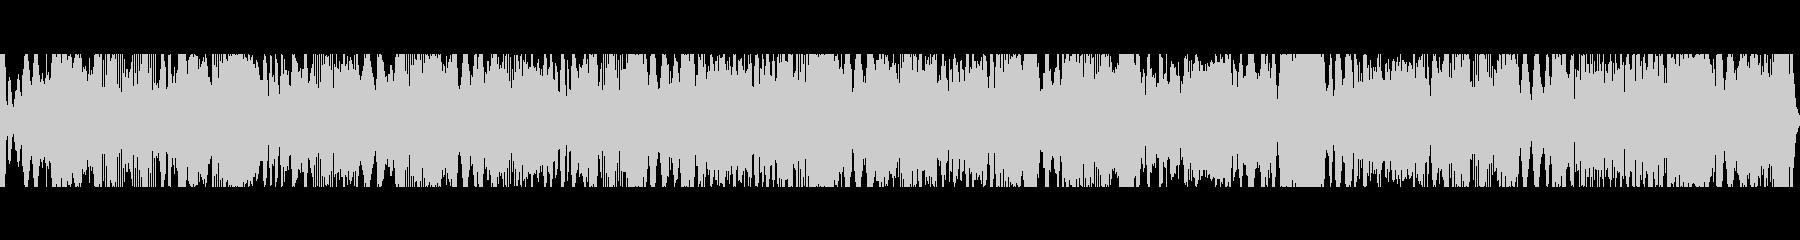 絶え間ないクリック音を伴う深共鳴音とハムの未再生の波形